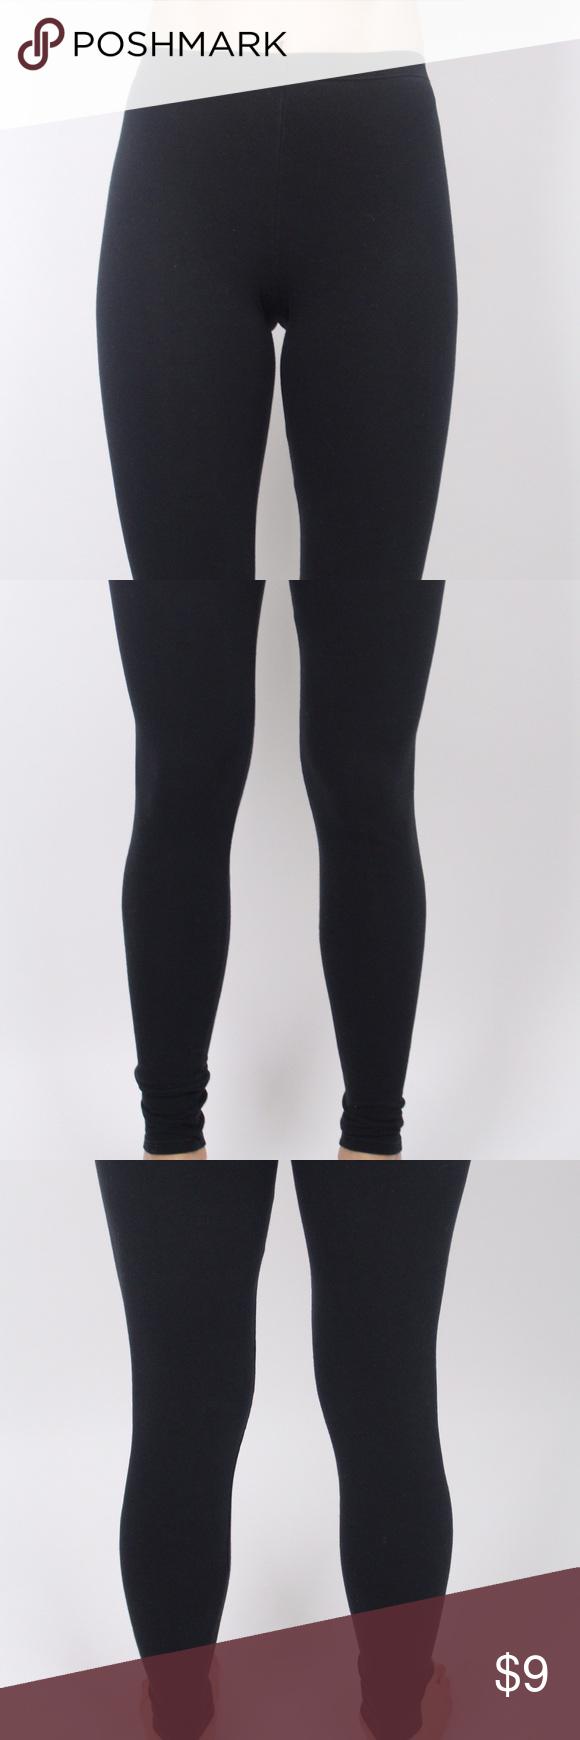 Black ankle length leggings Super comfy, black, form fitting, ankle length leggings Pants Leggings